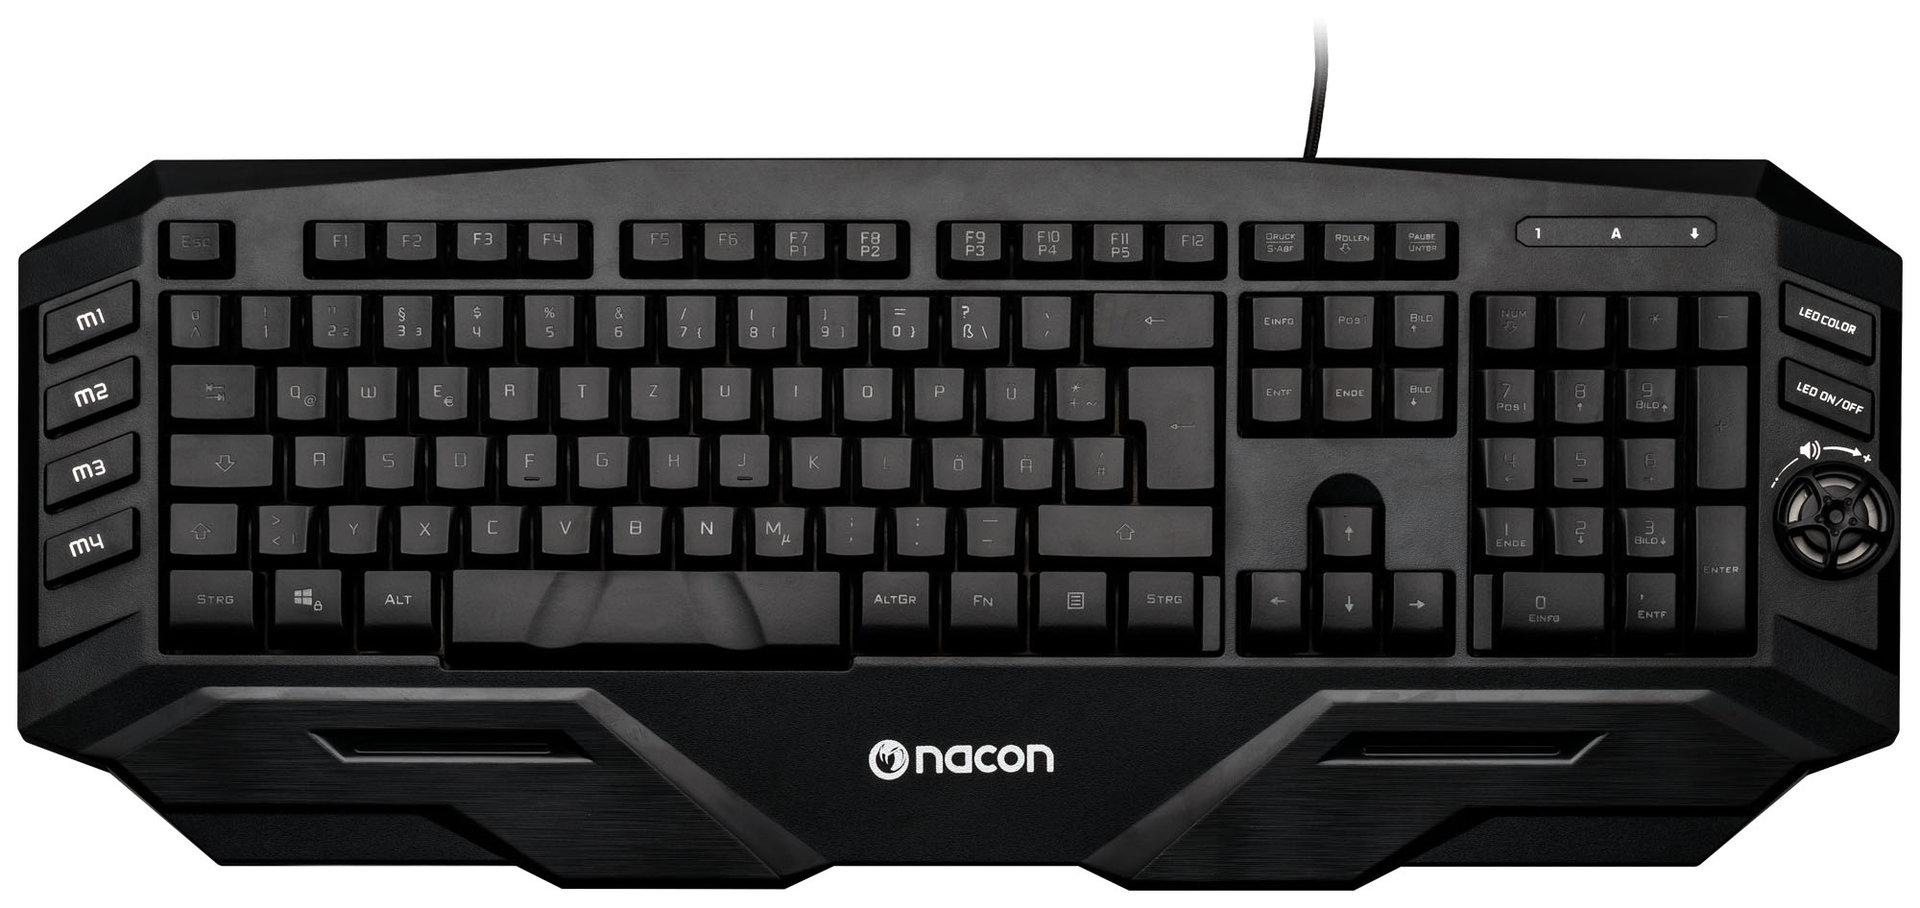 Nacon GK500